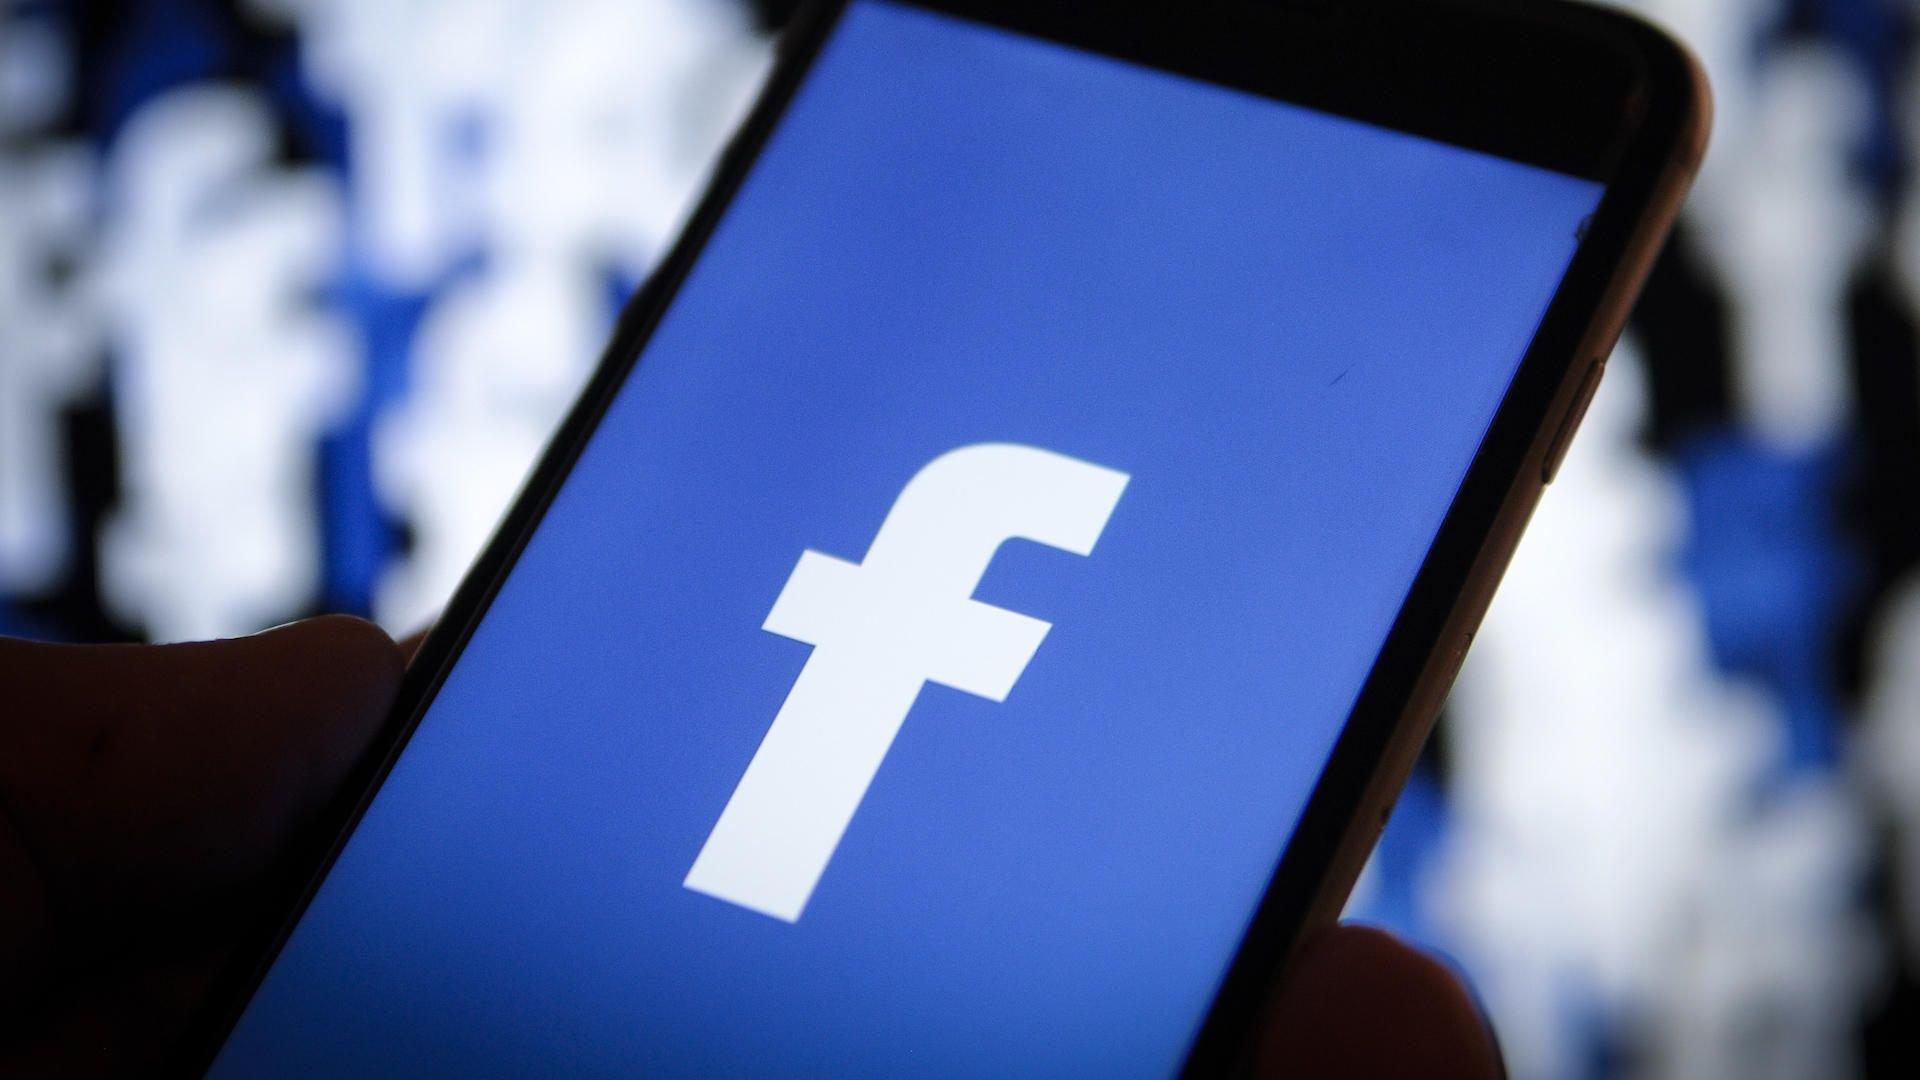 Юзеры социальная сеть Facebook пожаловались насбои вработе соцсети